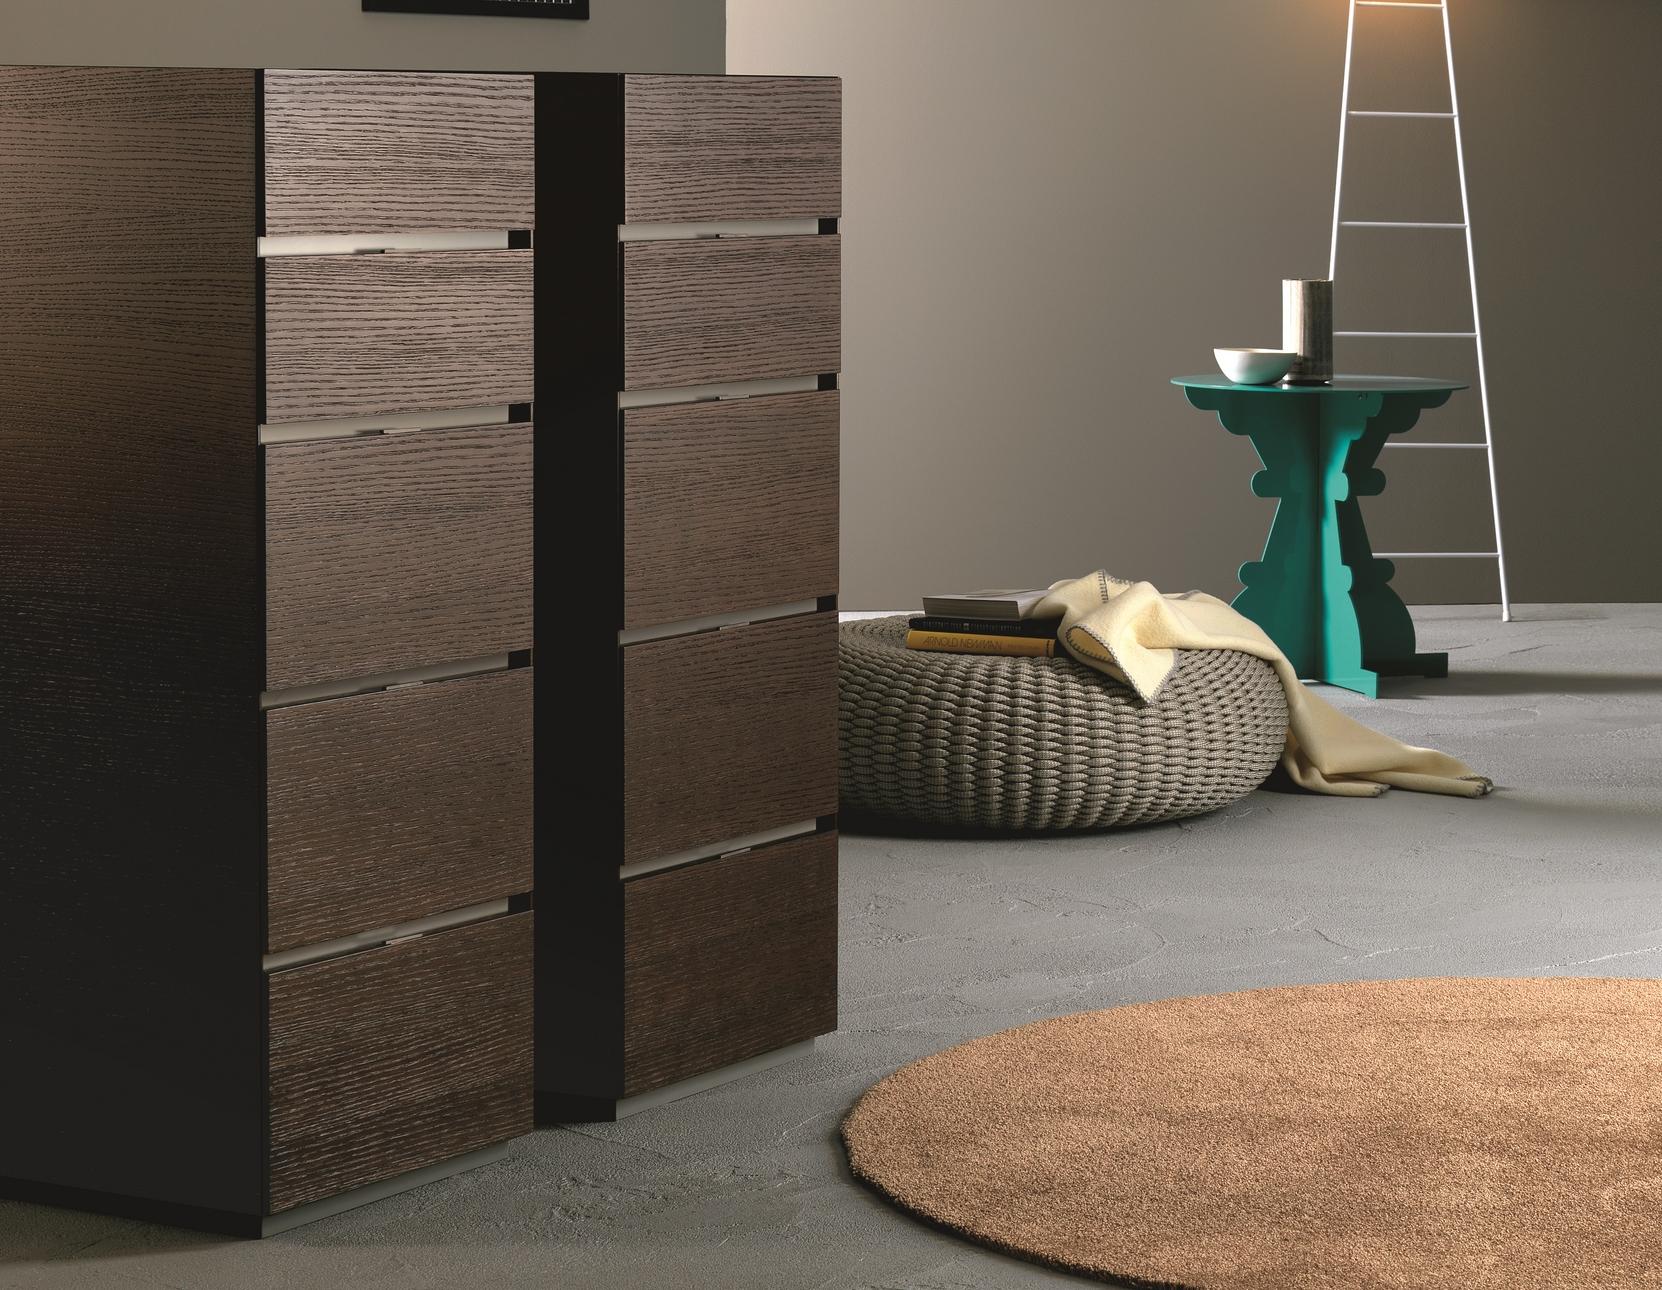 Arredamento e mobili online - Camera da letto rovere ...